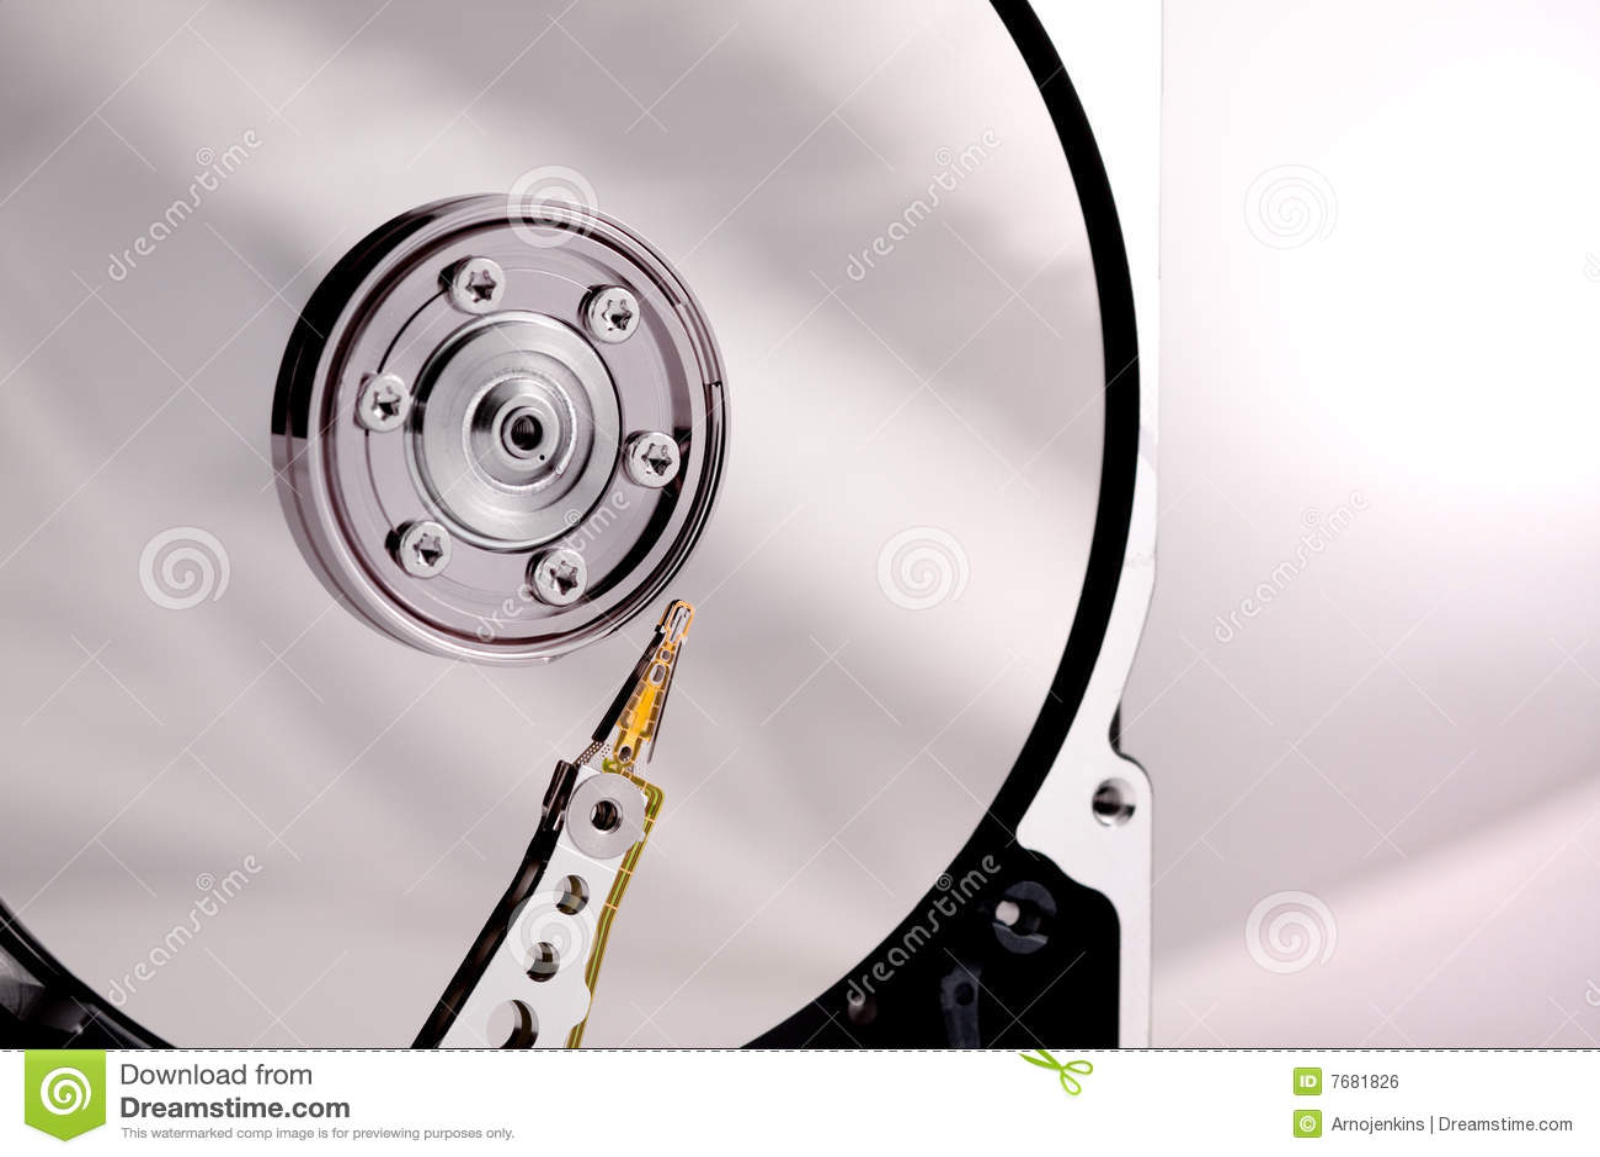 случай управляет трудным диском иглы